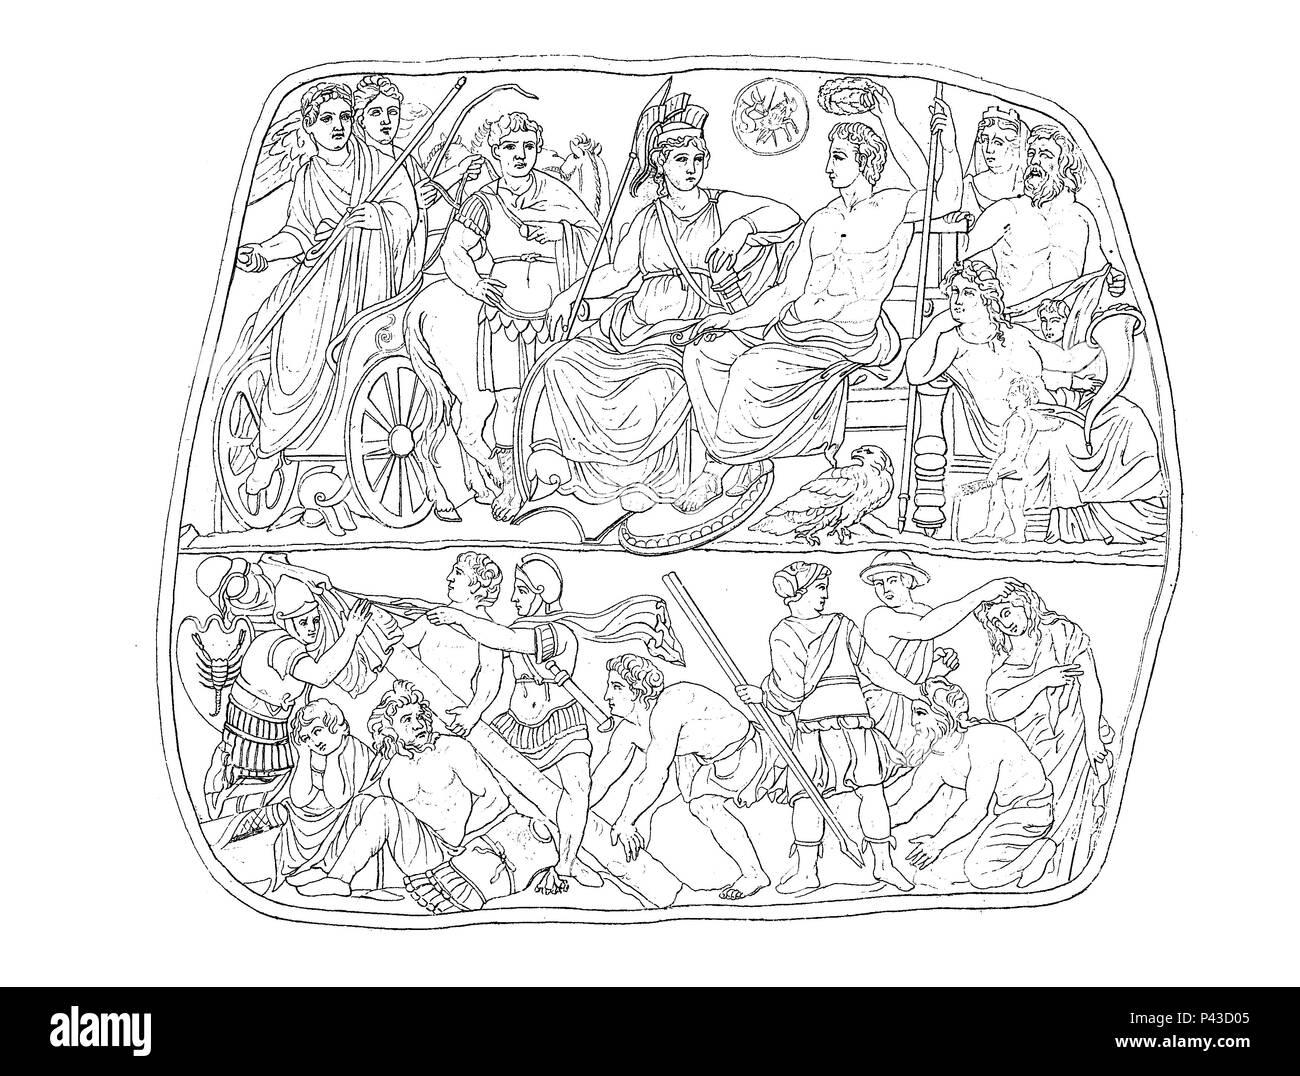 Apotheose, vergöttlichung und Vergöttlichung des römischen Kaisers Augustus, Apotheose, Erhebung des Menschen zu einem Gott oder Halbgott, des römischer Kaiser Augustus, 43 v. Chr - 14 n.Chr, digital verbesserte Reproduktion einer historischen Bild Stockbild